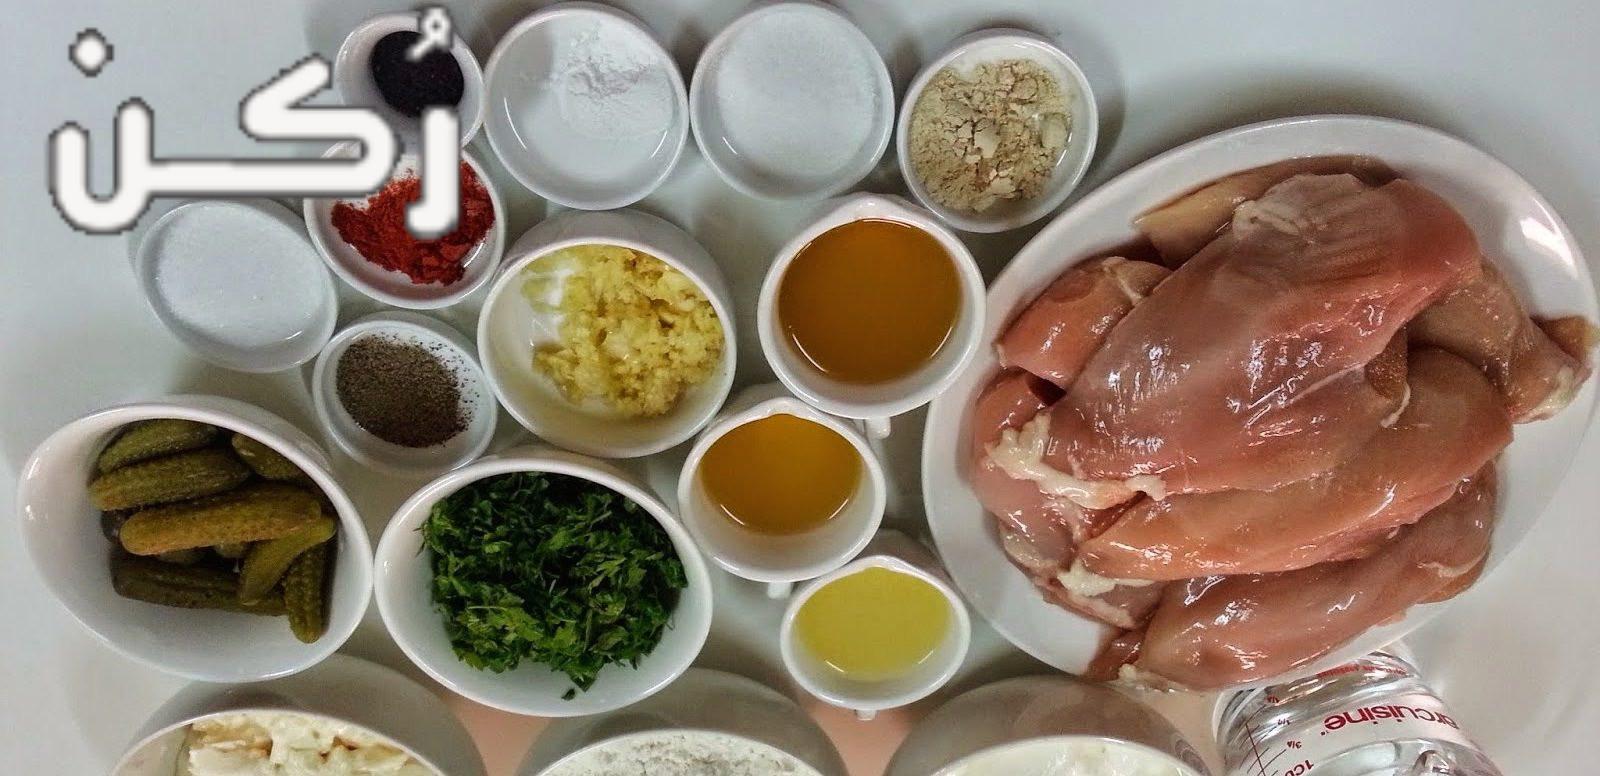 طريقة عمل شاورما اللحم مثل المحلات والمطاعم